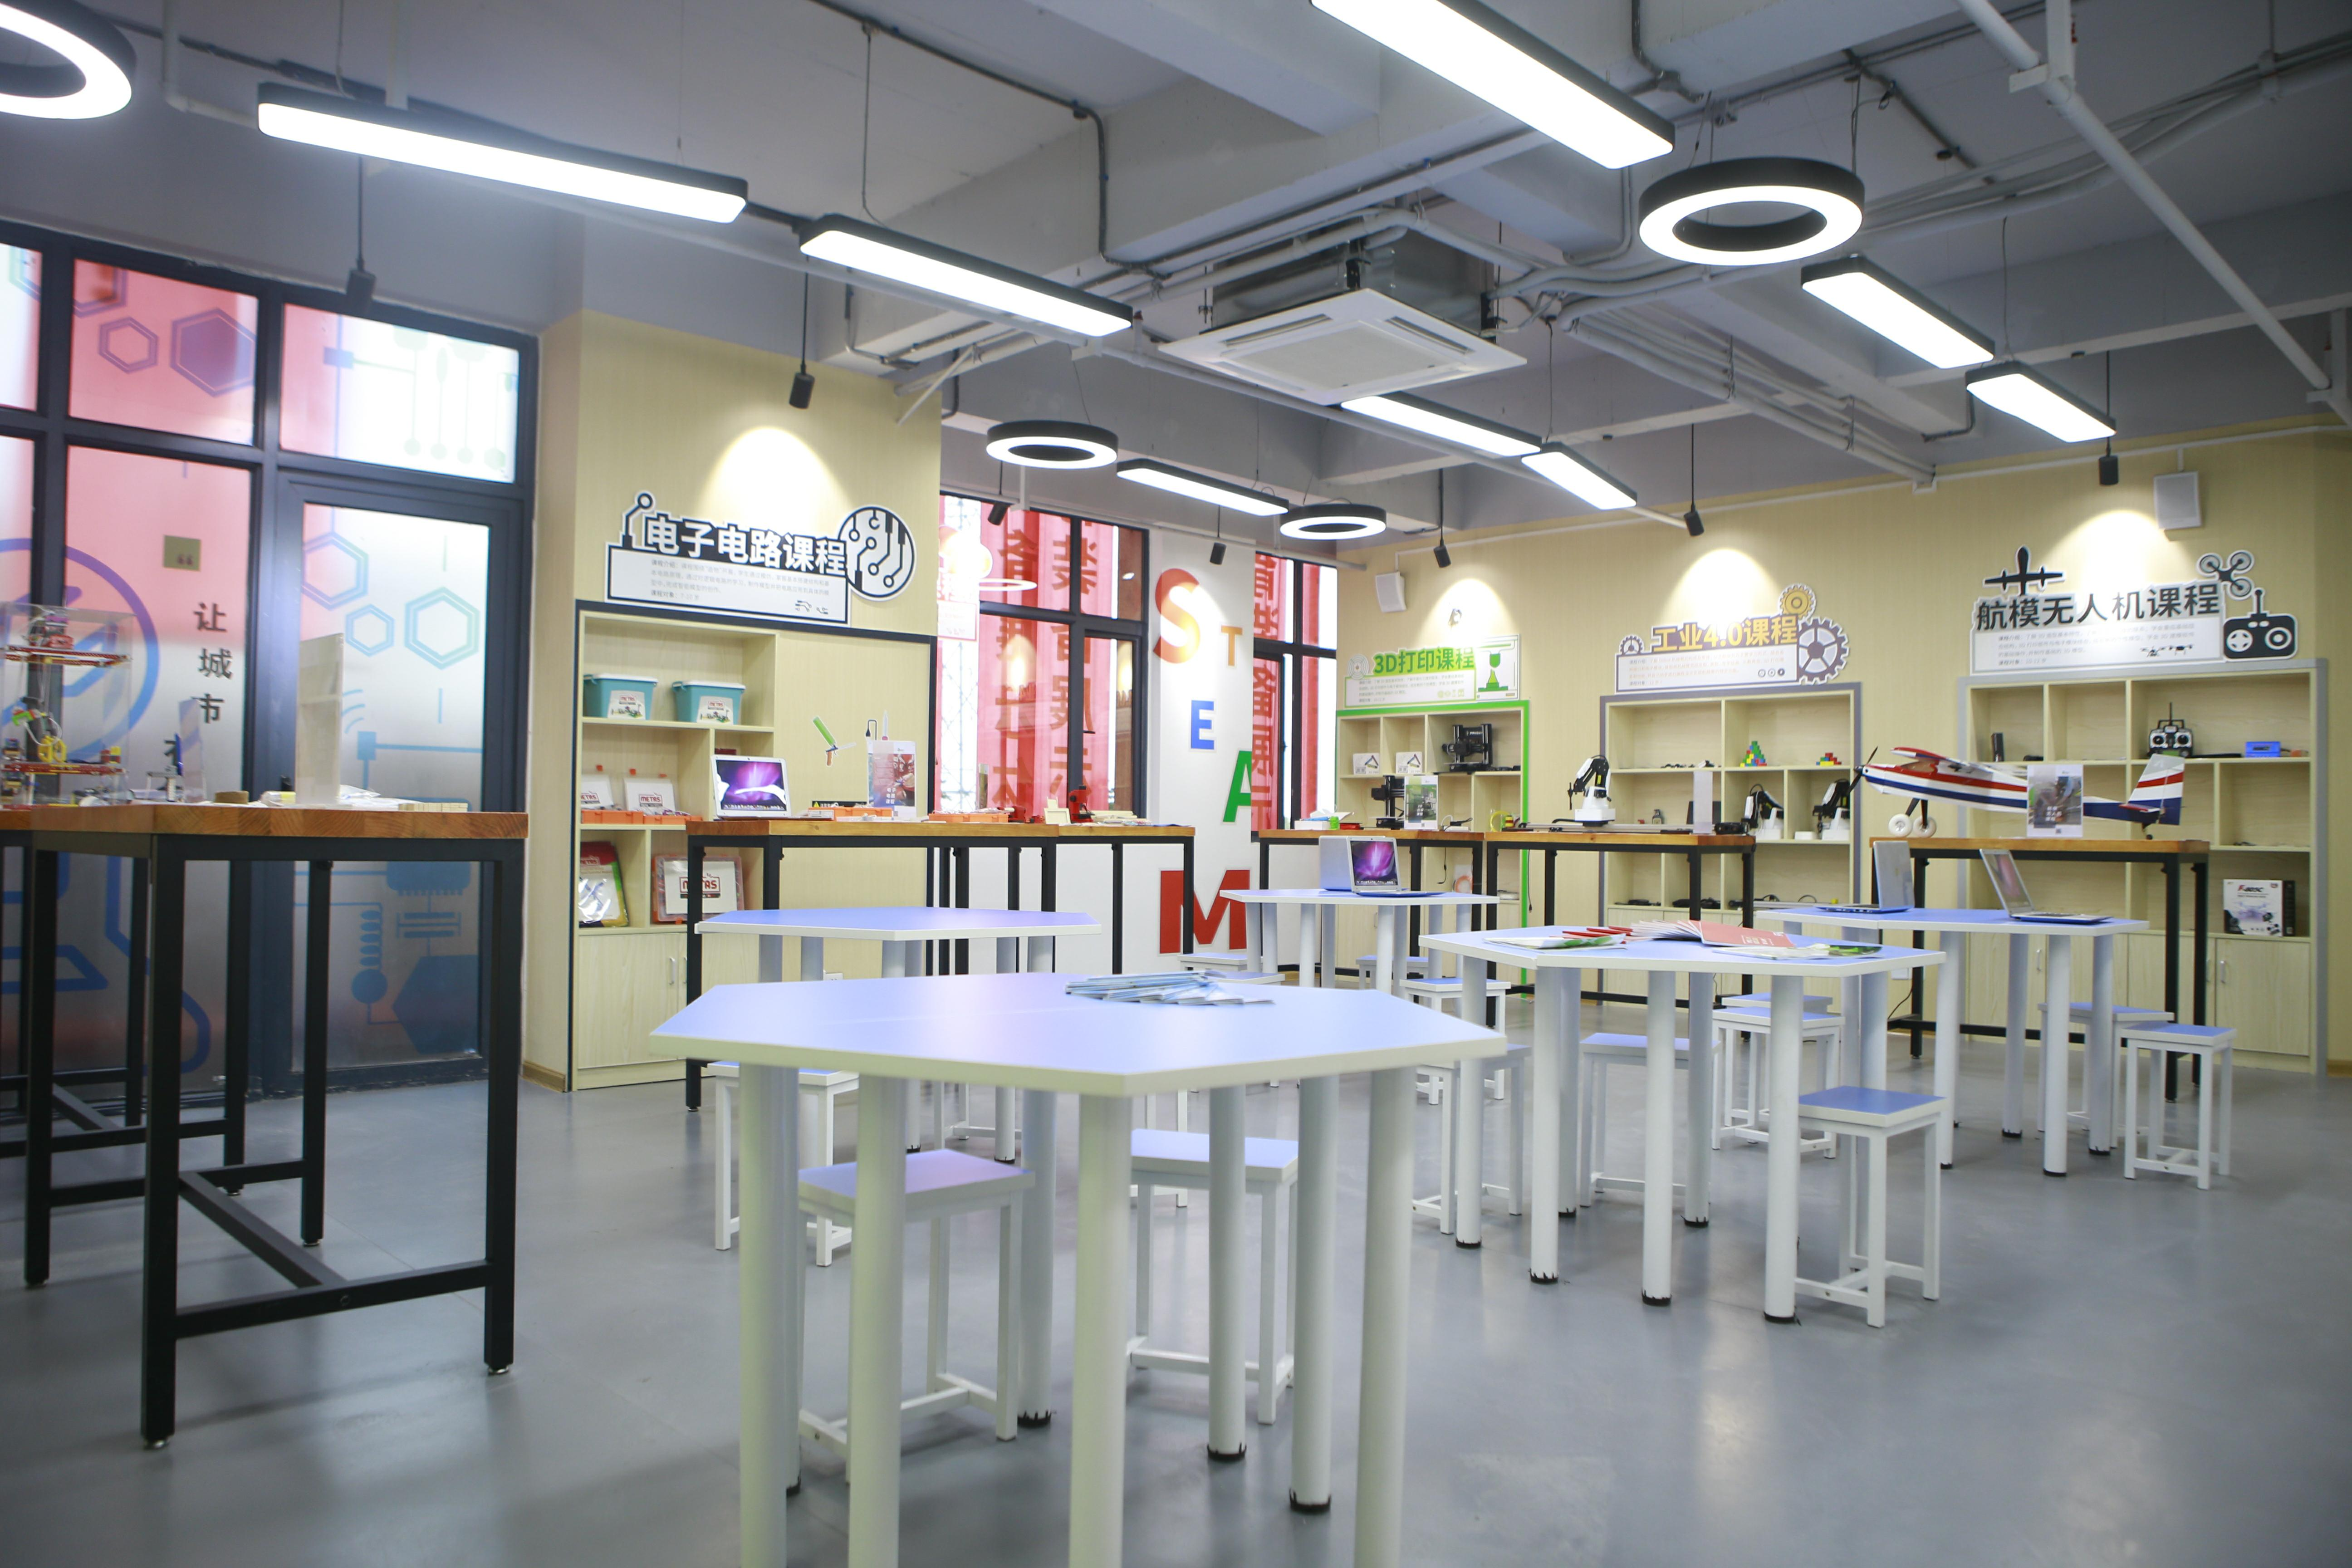 中小学创客教室建设方案